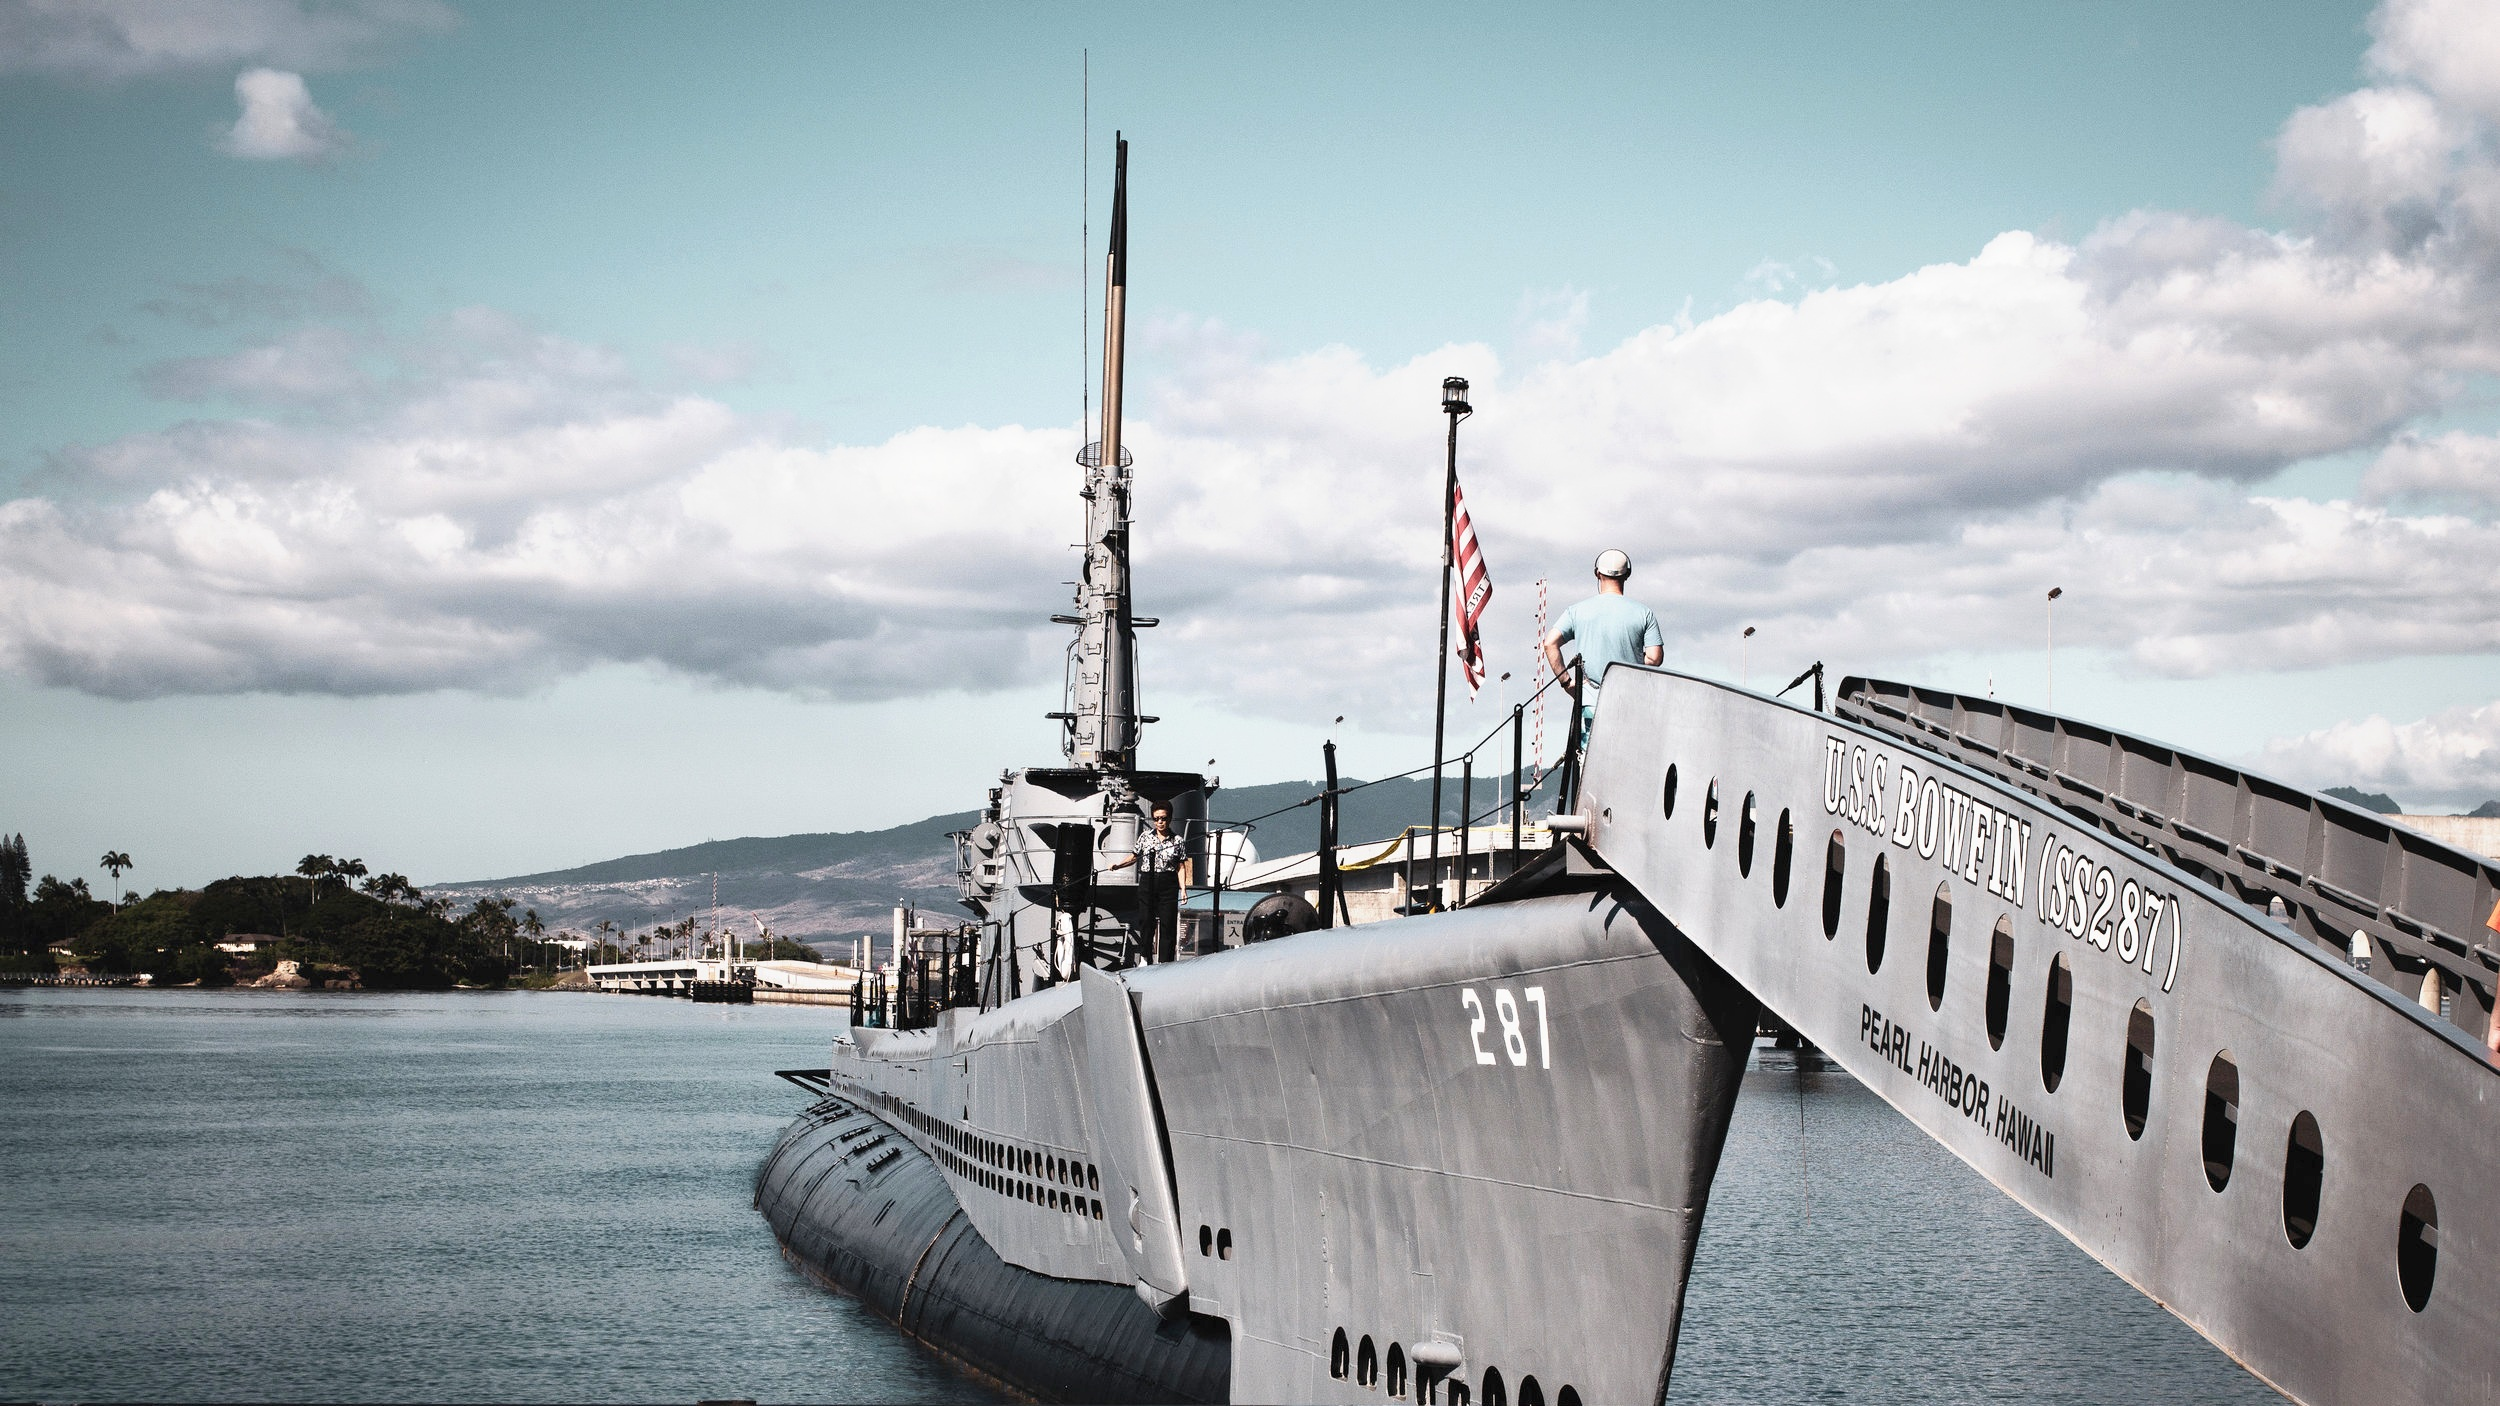 Pearl Harbor - 7 december 1941 bombade Japan marinbasen Pearl Harbor på Hawaii. På platsen finns idag flera guidade turer där du kan se föremål från bombningen och besöka fler av de sjunkna slagskeppen däribland USS Missouri och USS Arizona Memorial. En utflykt för den som är intresserad av historia.